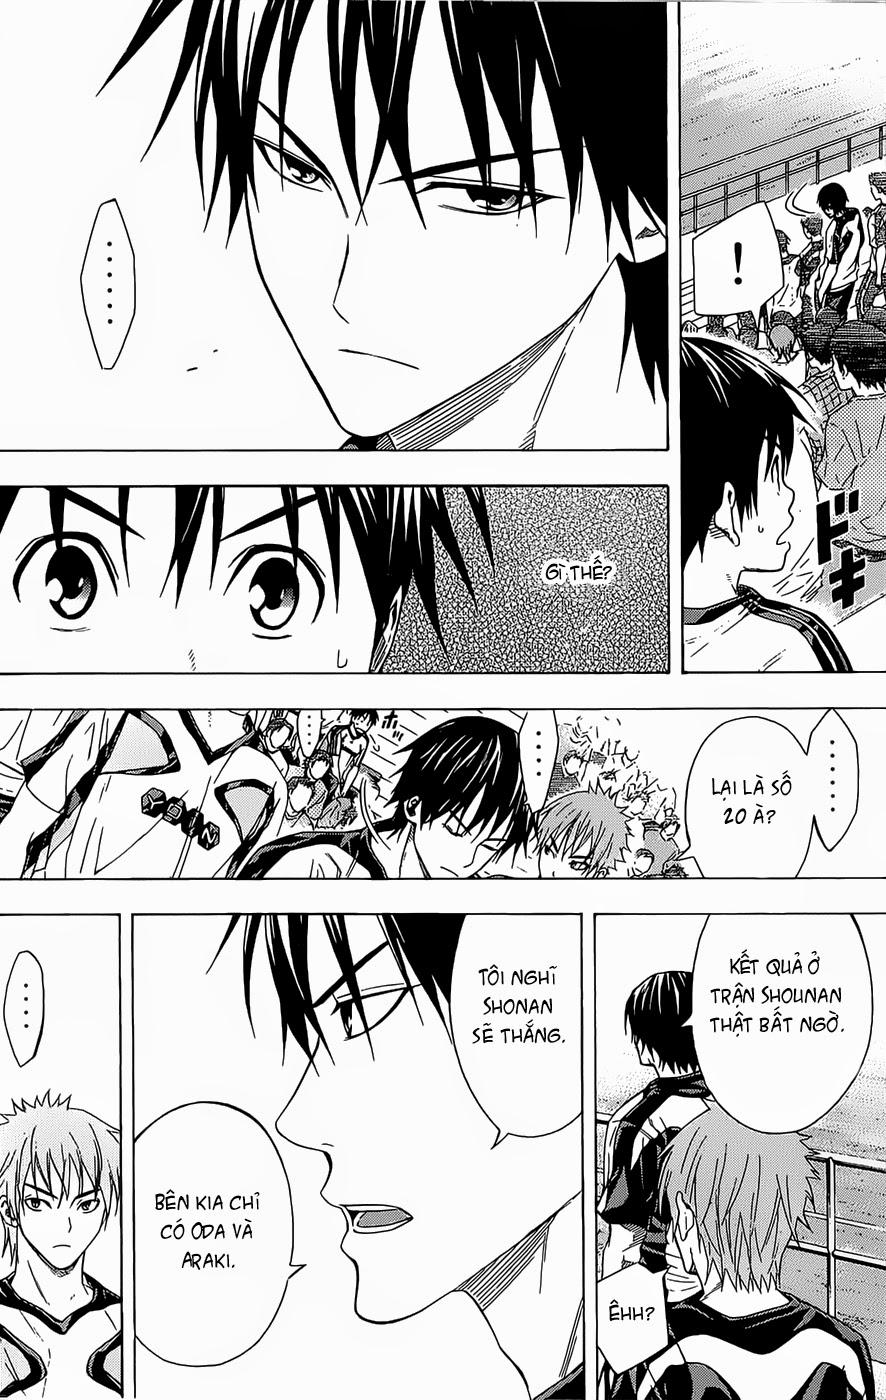 xem truyen moi - Area no Kishi - Chapter 93